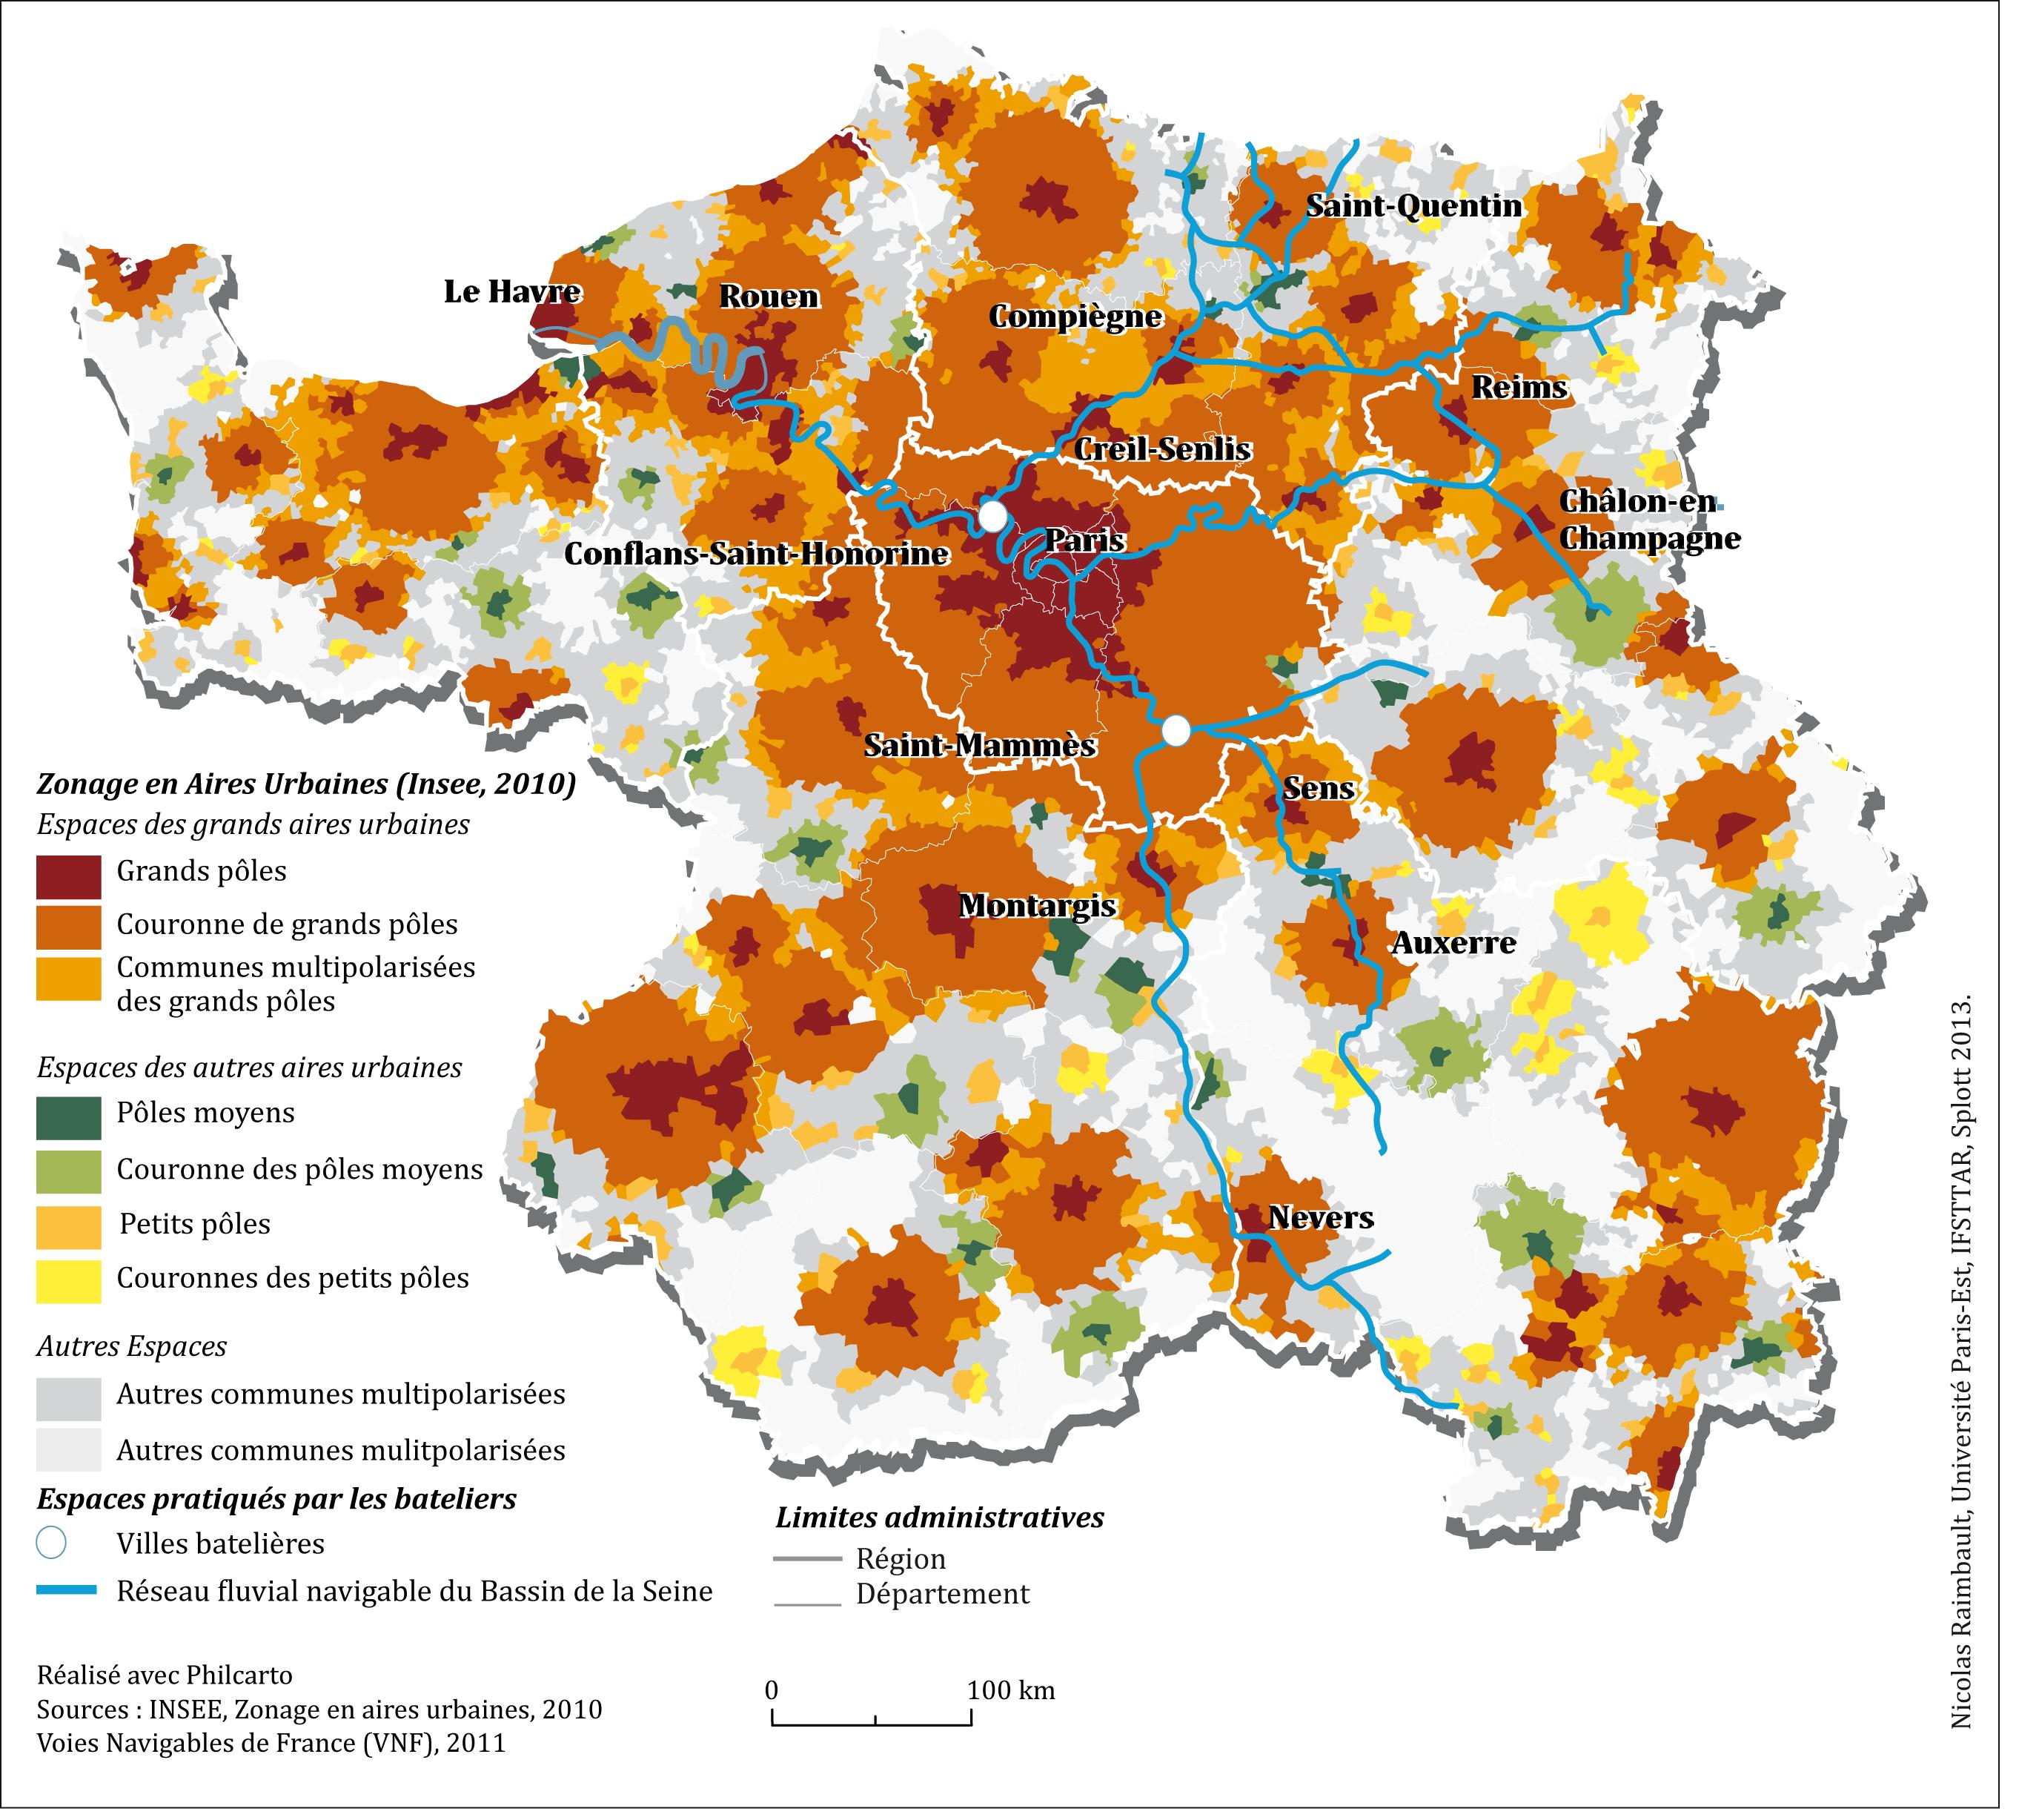 Figure 1 : Le bassin de la Seine et le zonage en aires urbaines